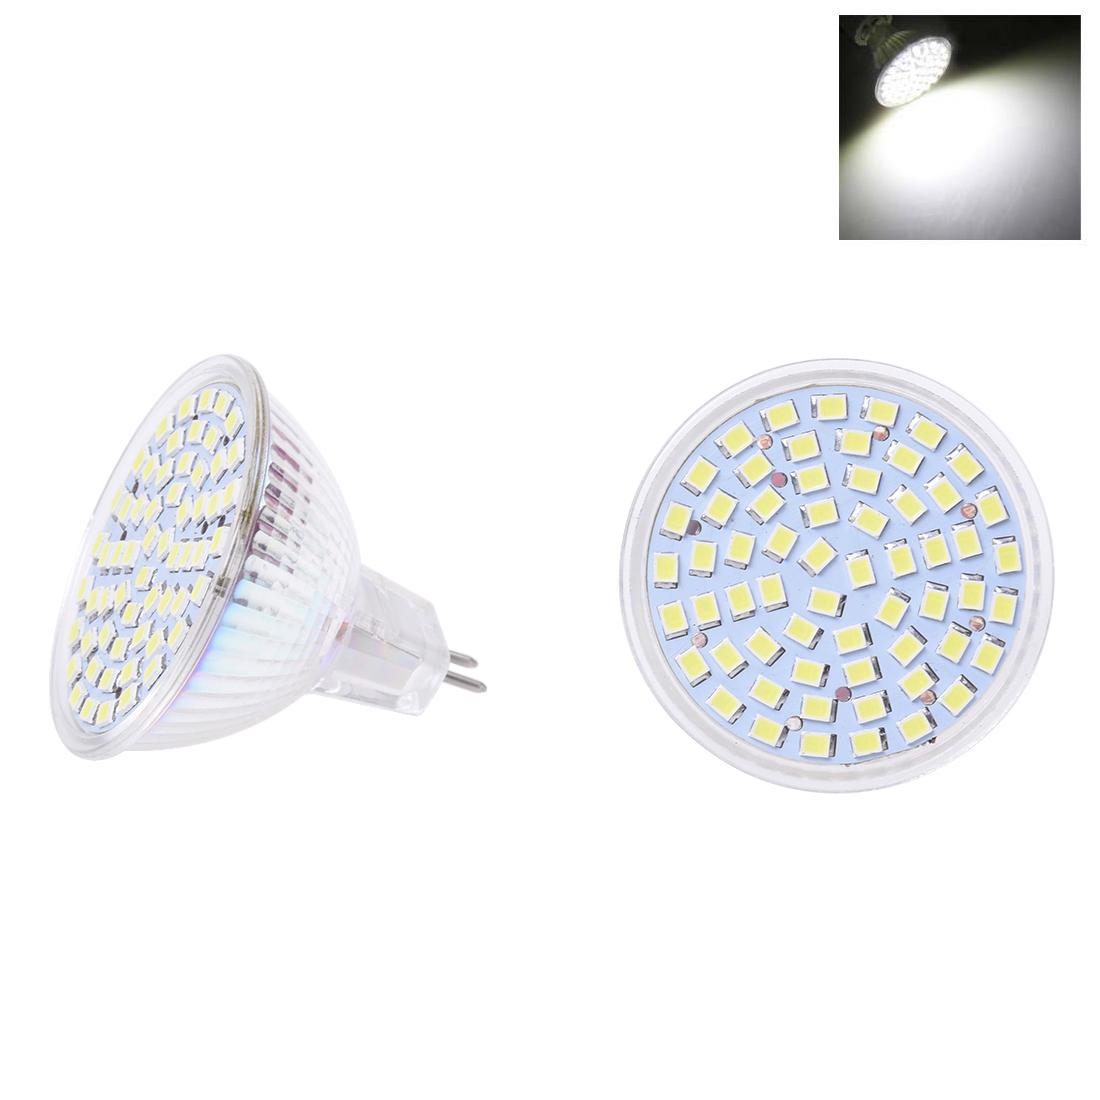 6 x g gu gx5 3 mr16 3528 smd 60 led lampe 4w 12v weiss de ebay. Black Bedroom Furniture Sets. Home Design Ideas